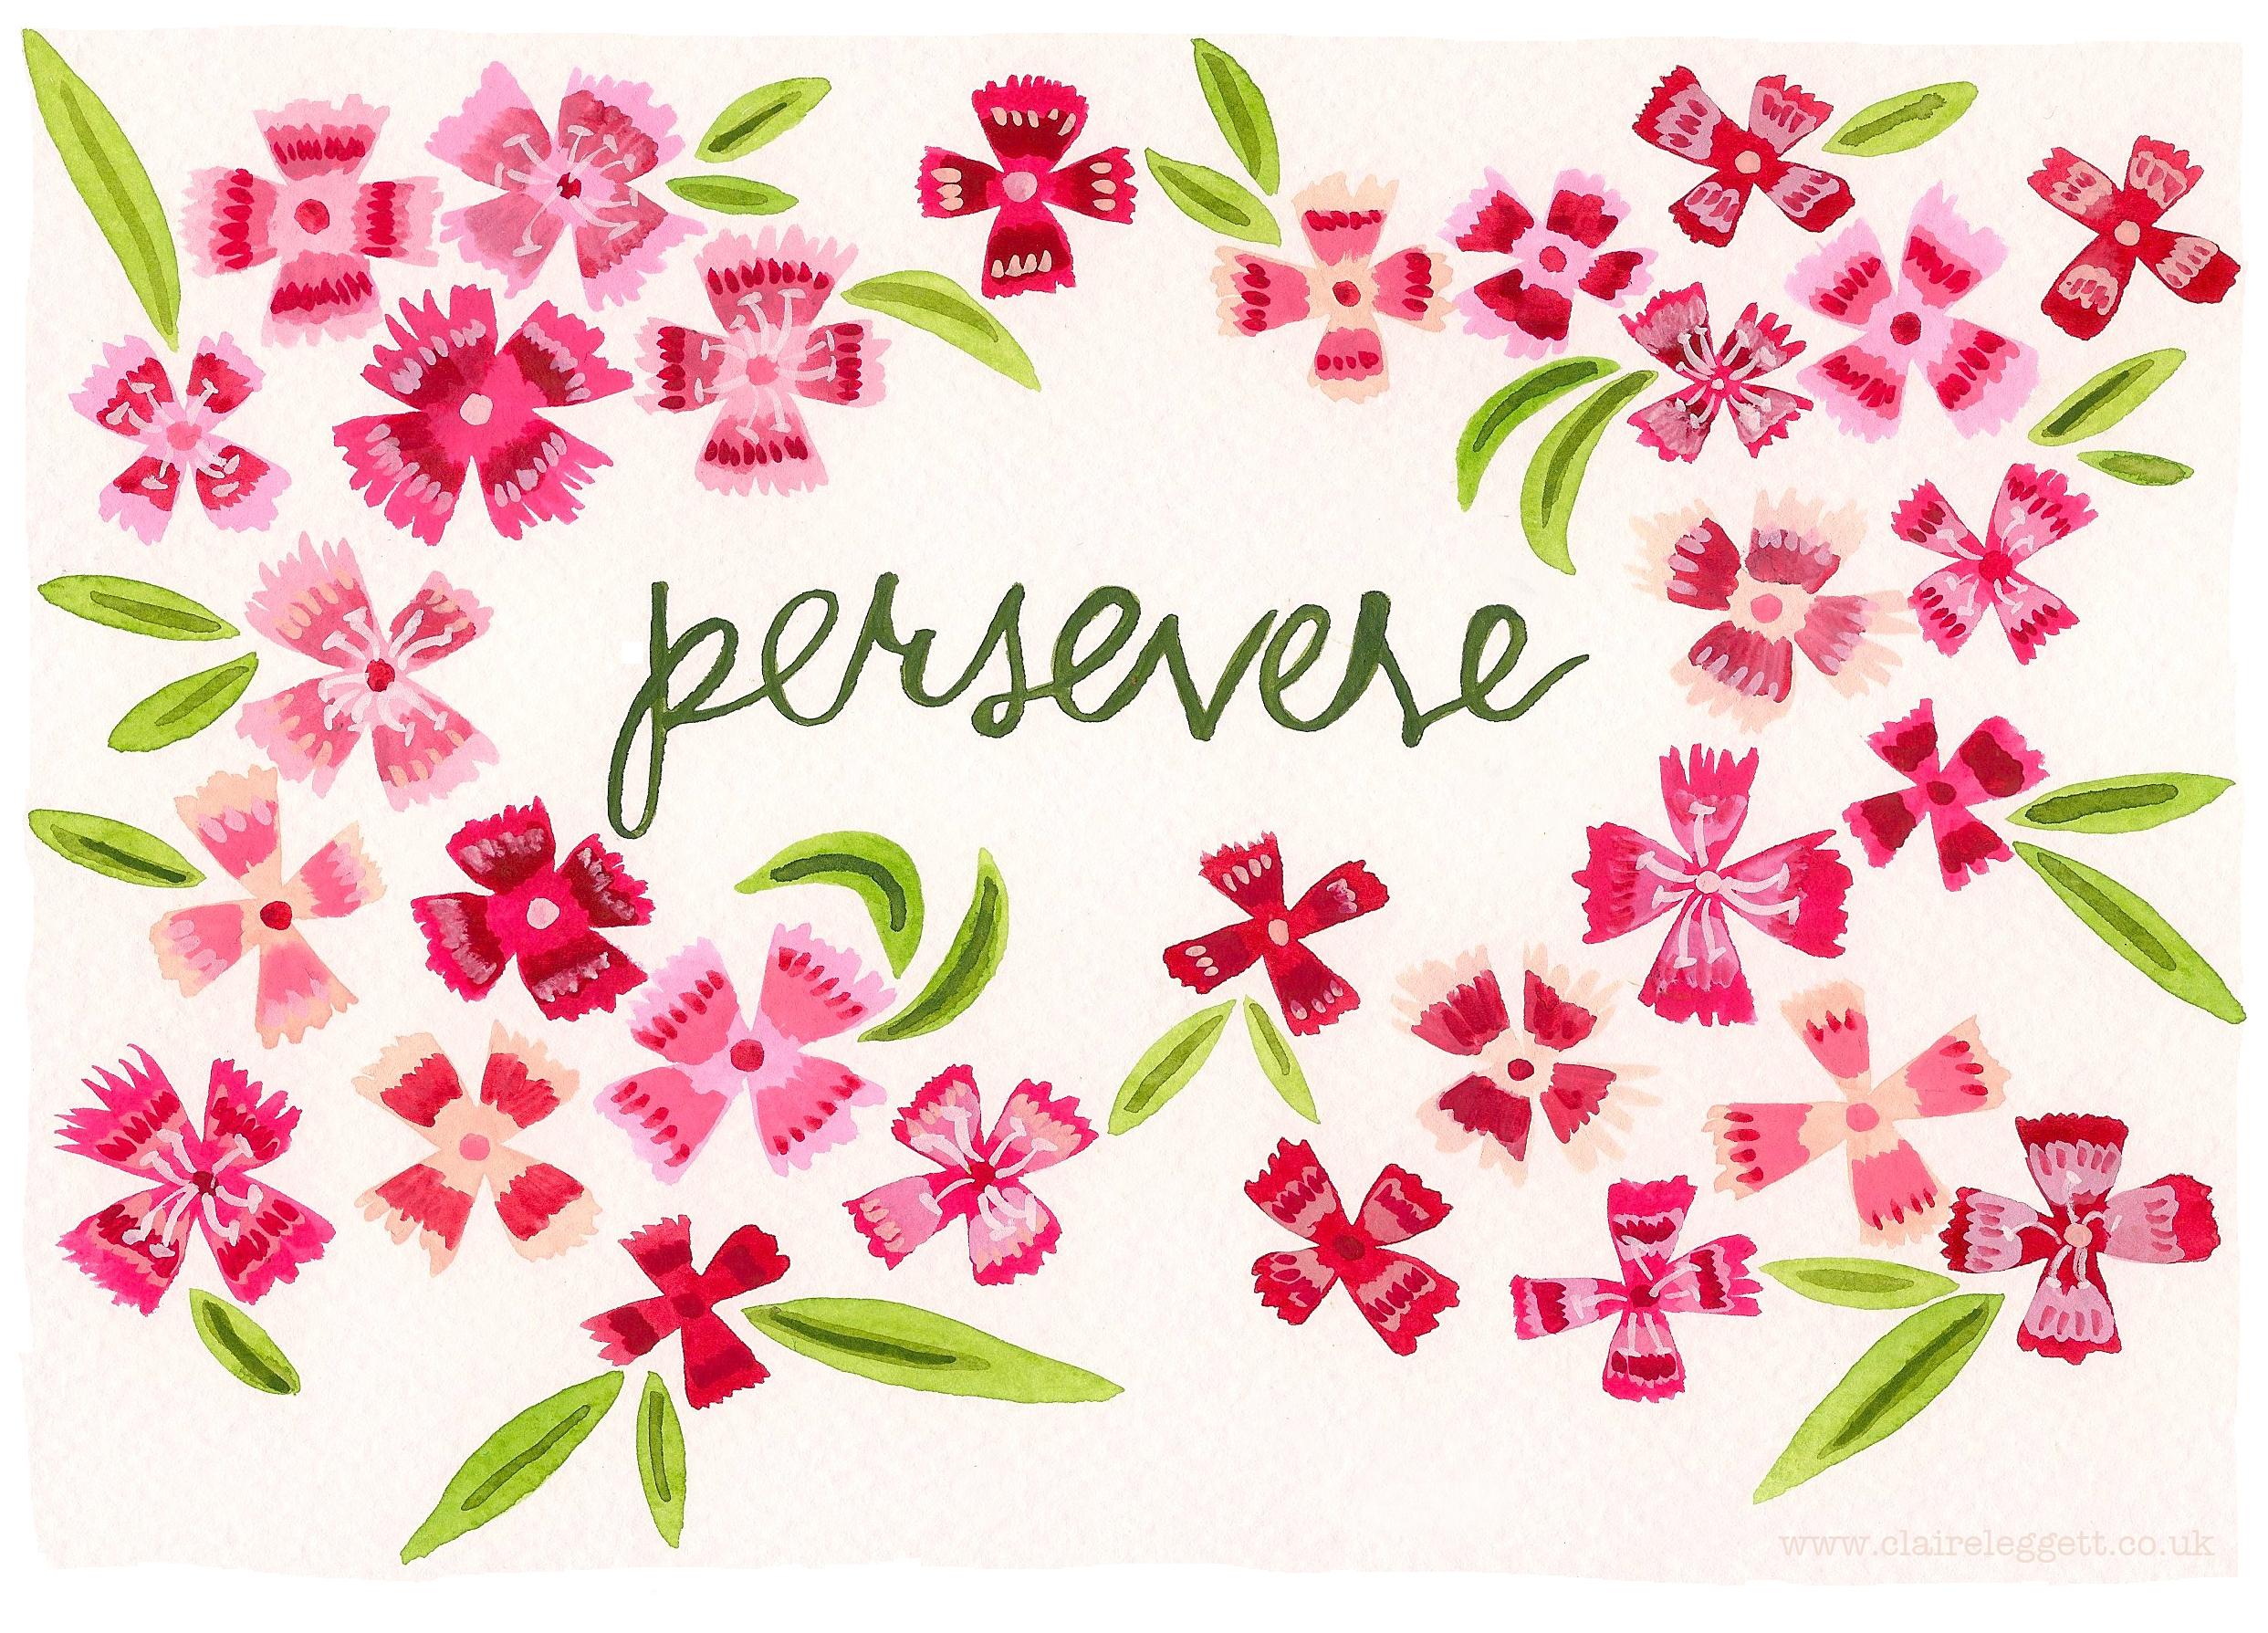 Claire_Leggett_Persevere Pinks